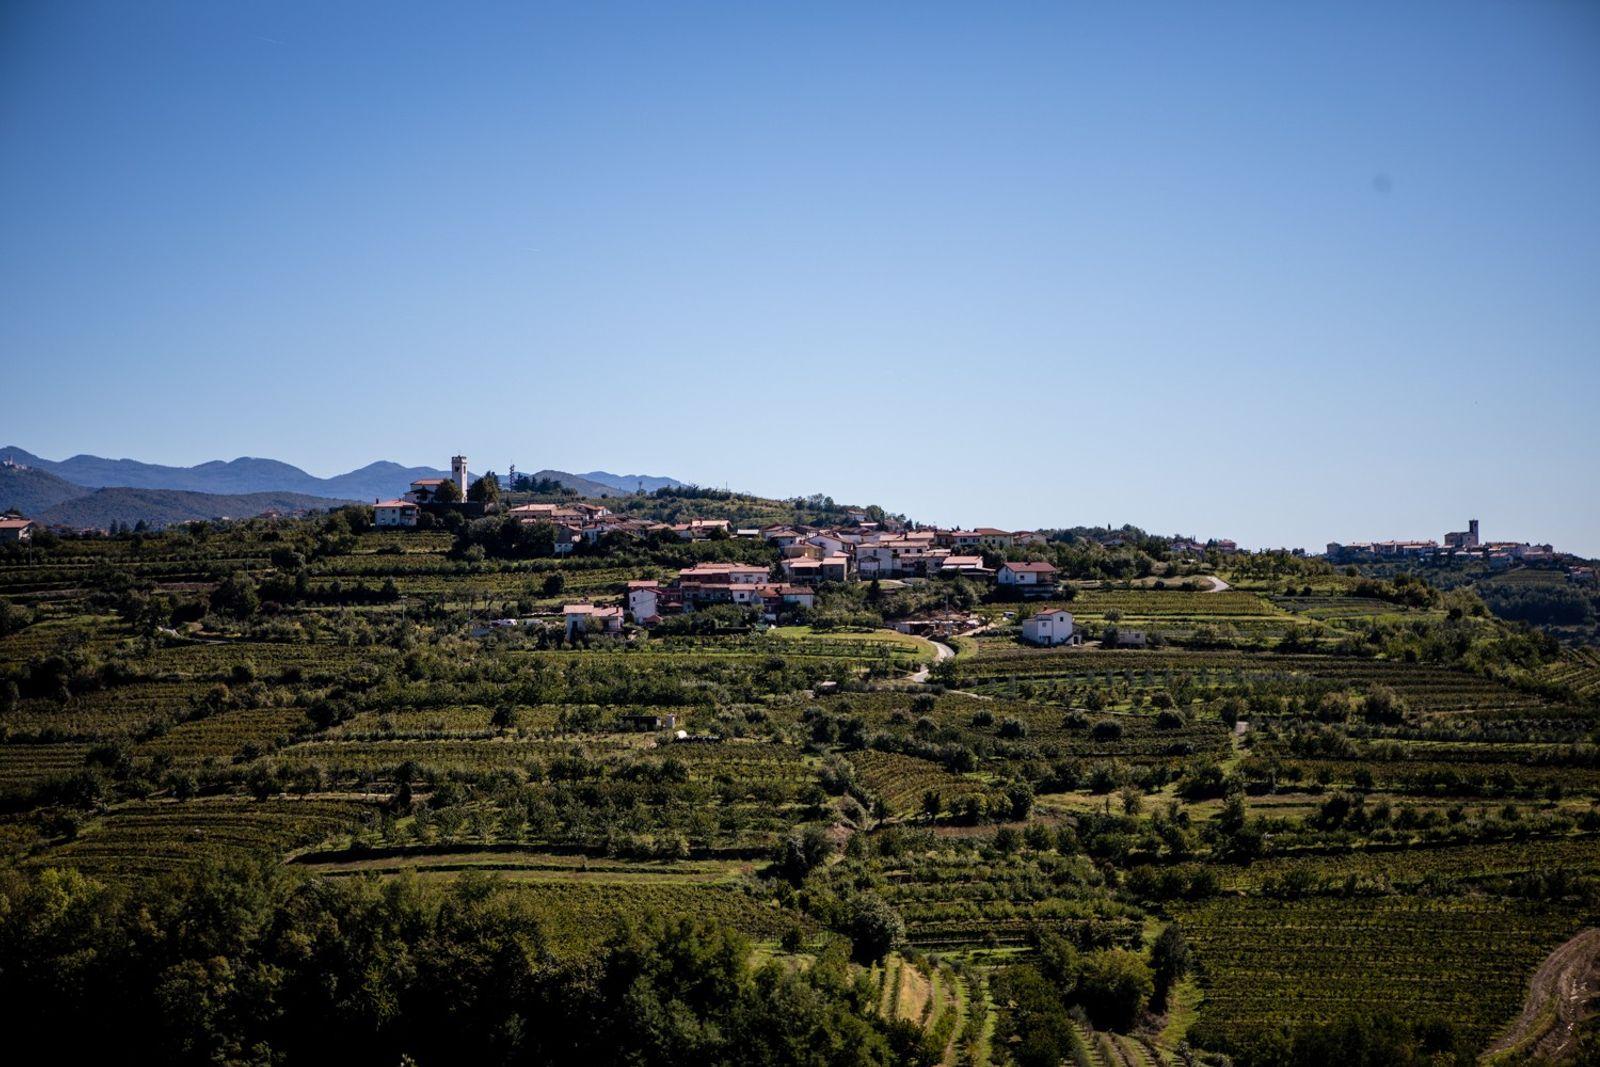 Die Hügellandschaft rund um das Dorf Višnjevik erinnert an italienische Weinberge.